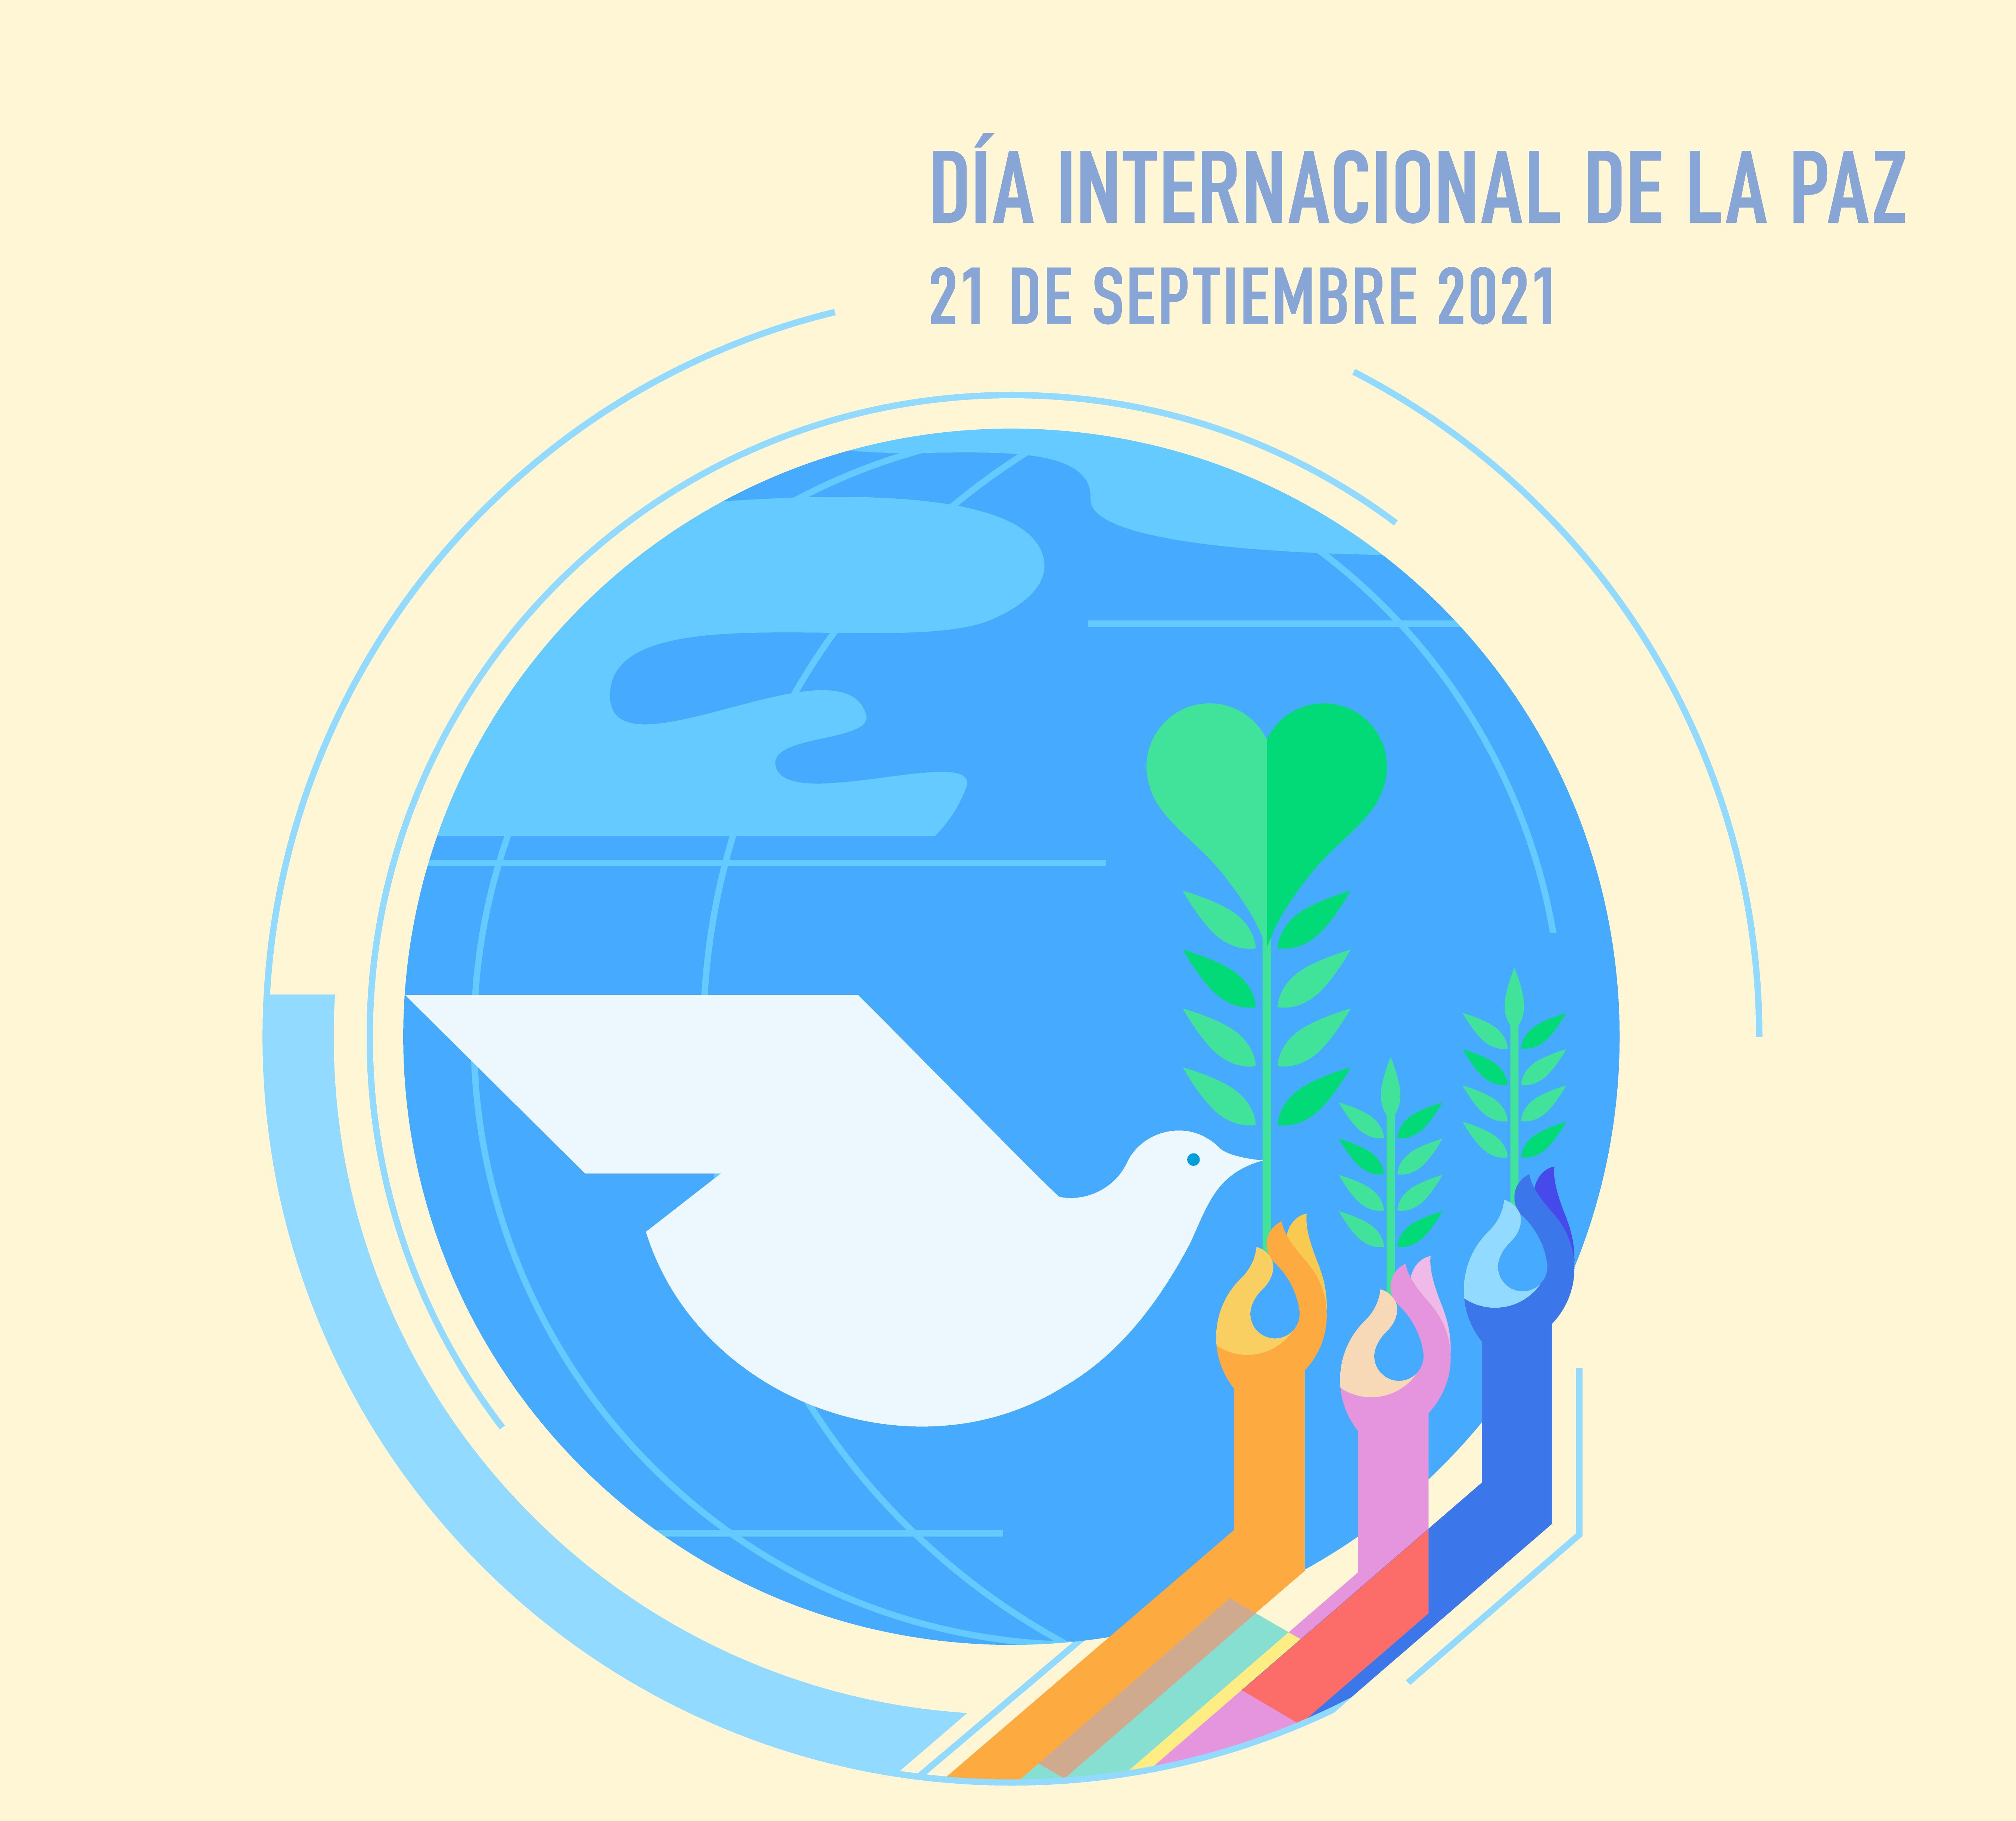 Día Internacional de la Paz: 'Un mundo sin violencia es posible'